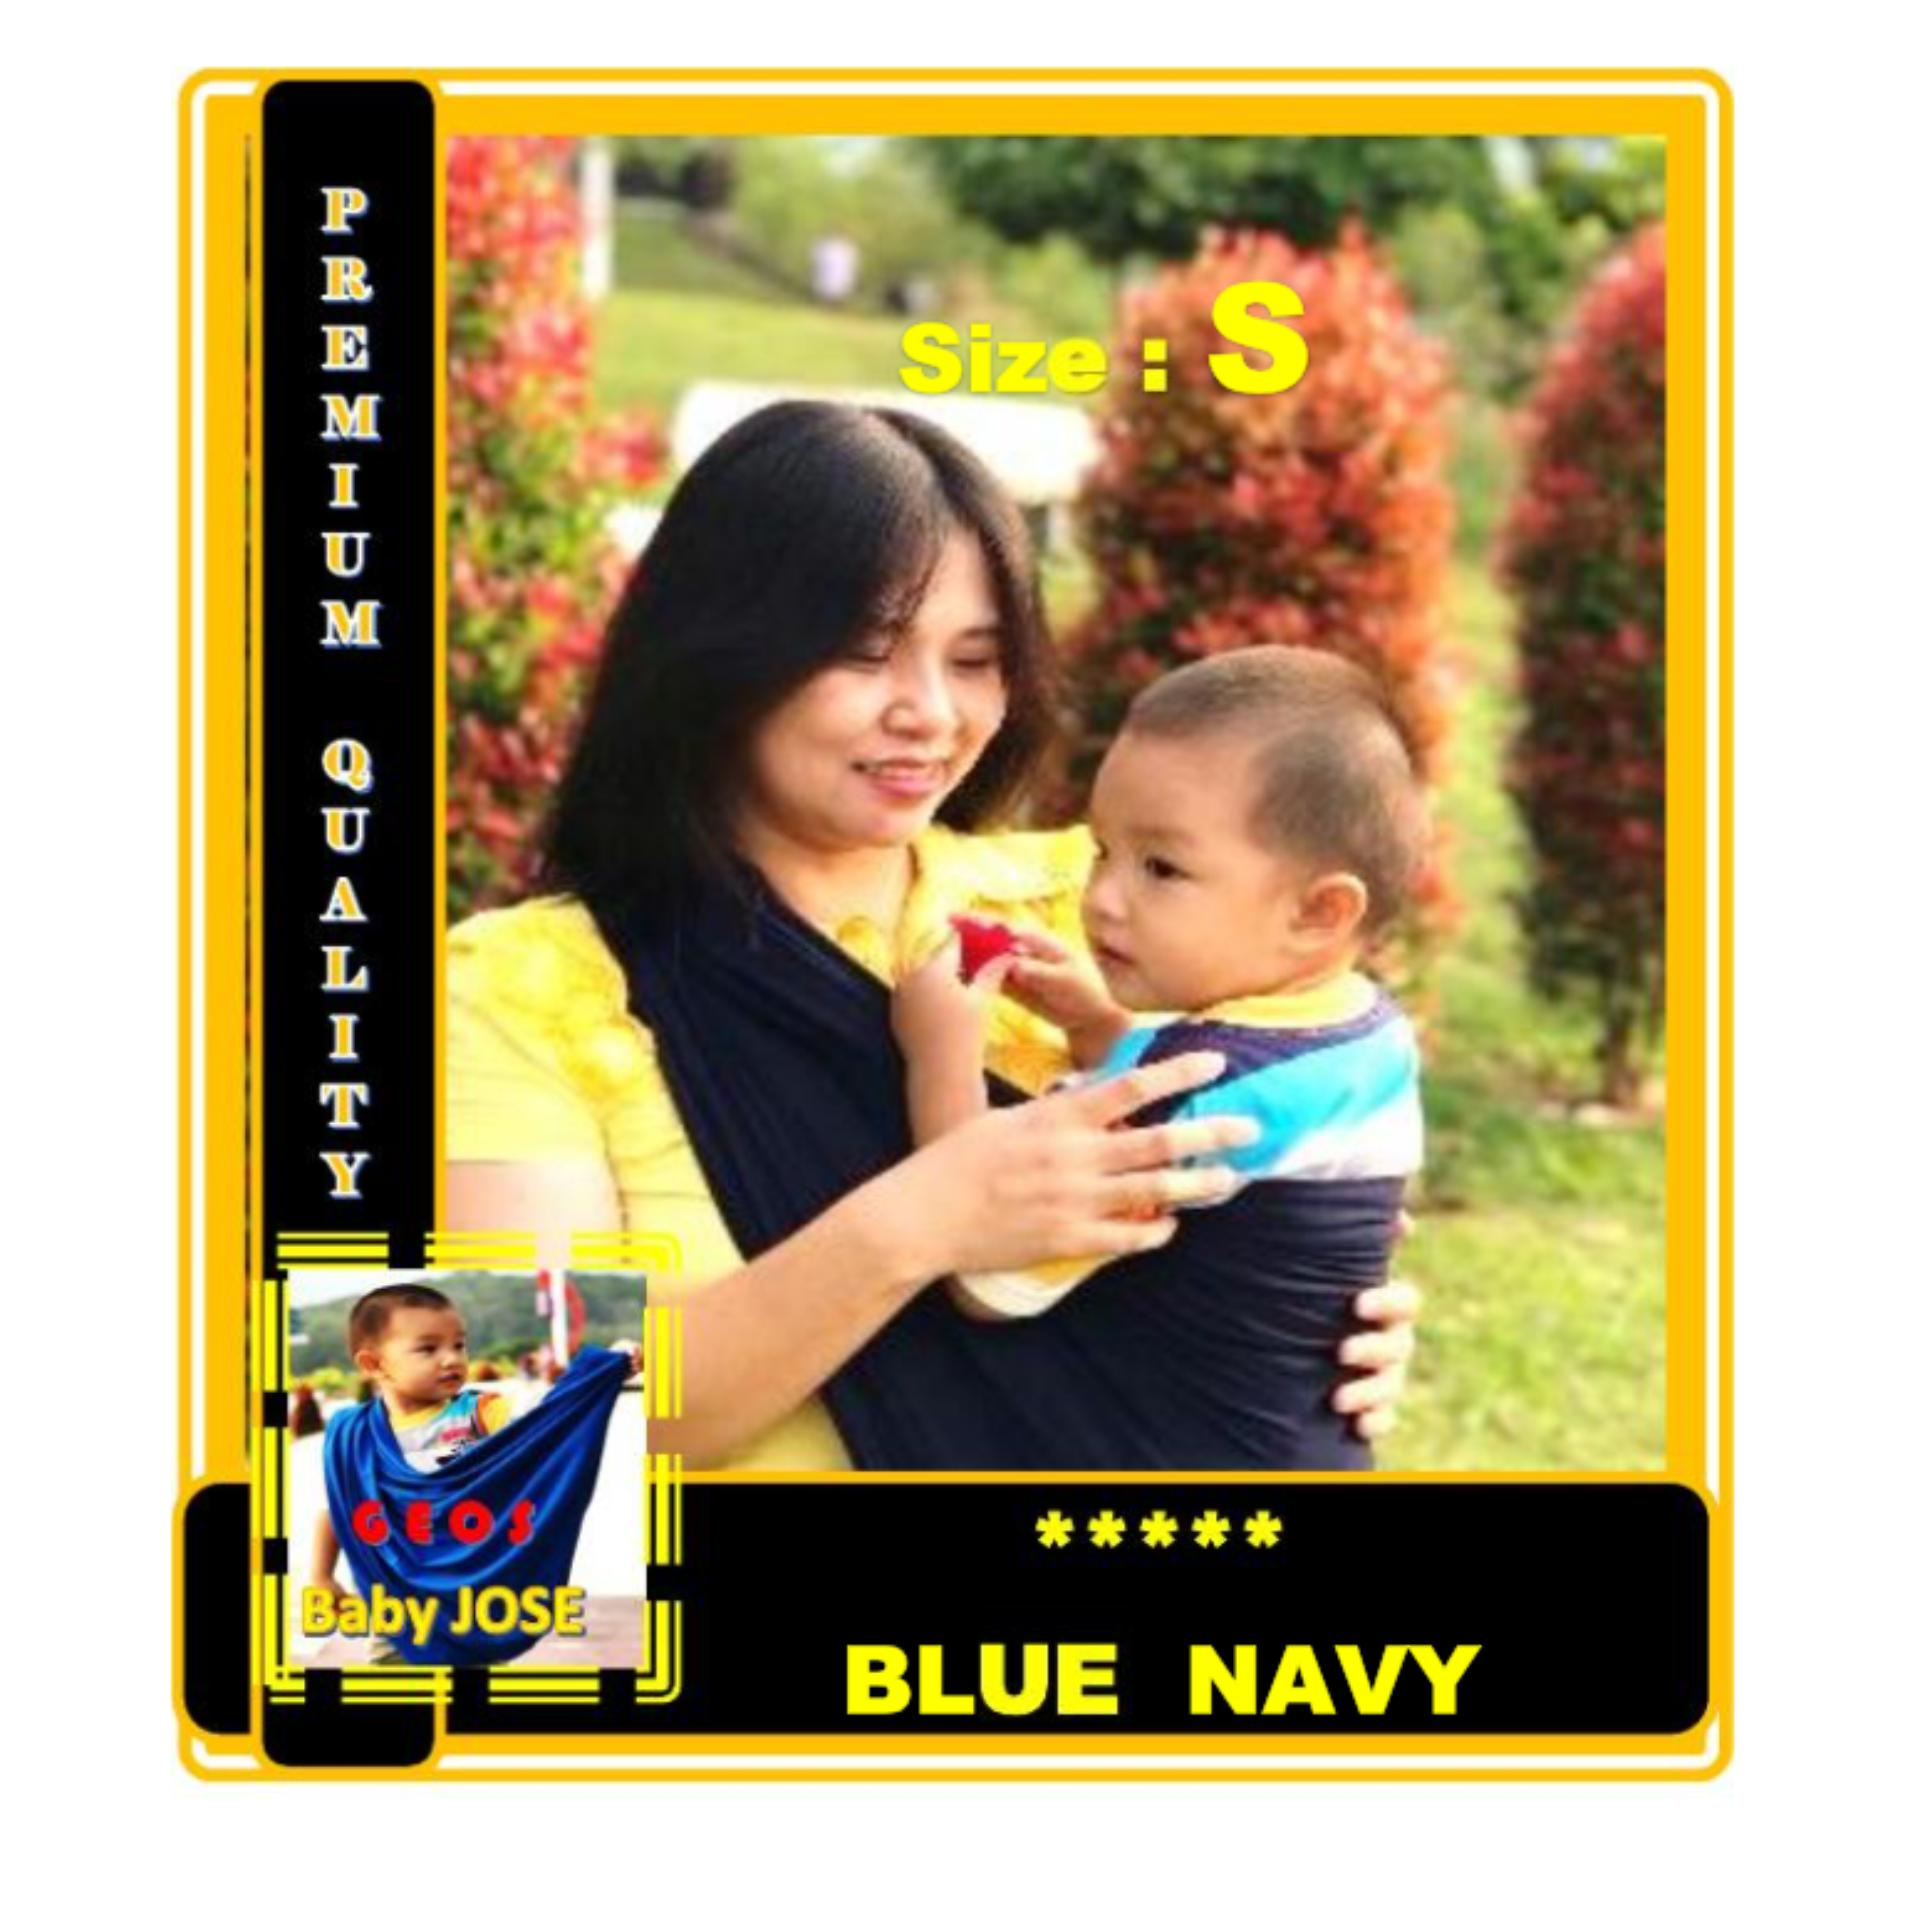 BABY LEON GENDONGAN Bayi Kaos/Geos/selendang Bayi Praktis BY 44 GB Polos Ukuran. Source · Hot Deals BAYIE BABY JOSE Premium Q GENDONGAN BAYI Kaos size S ...